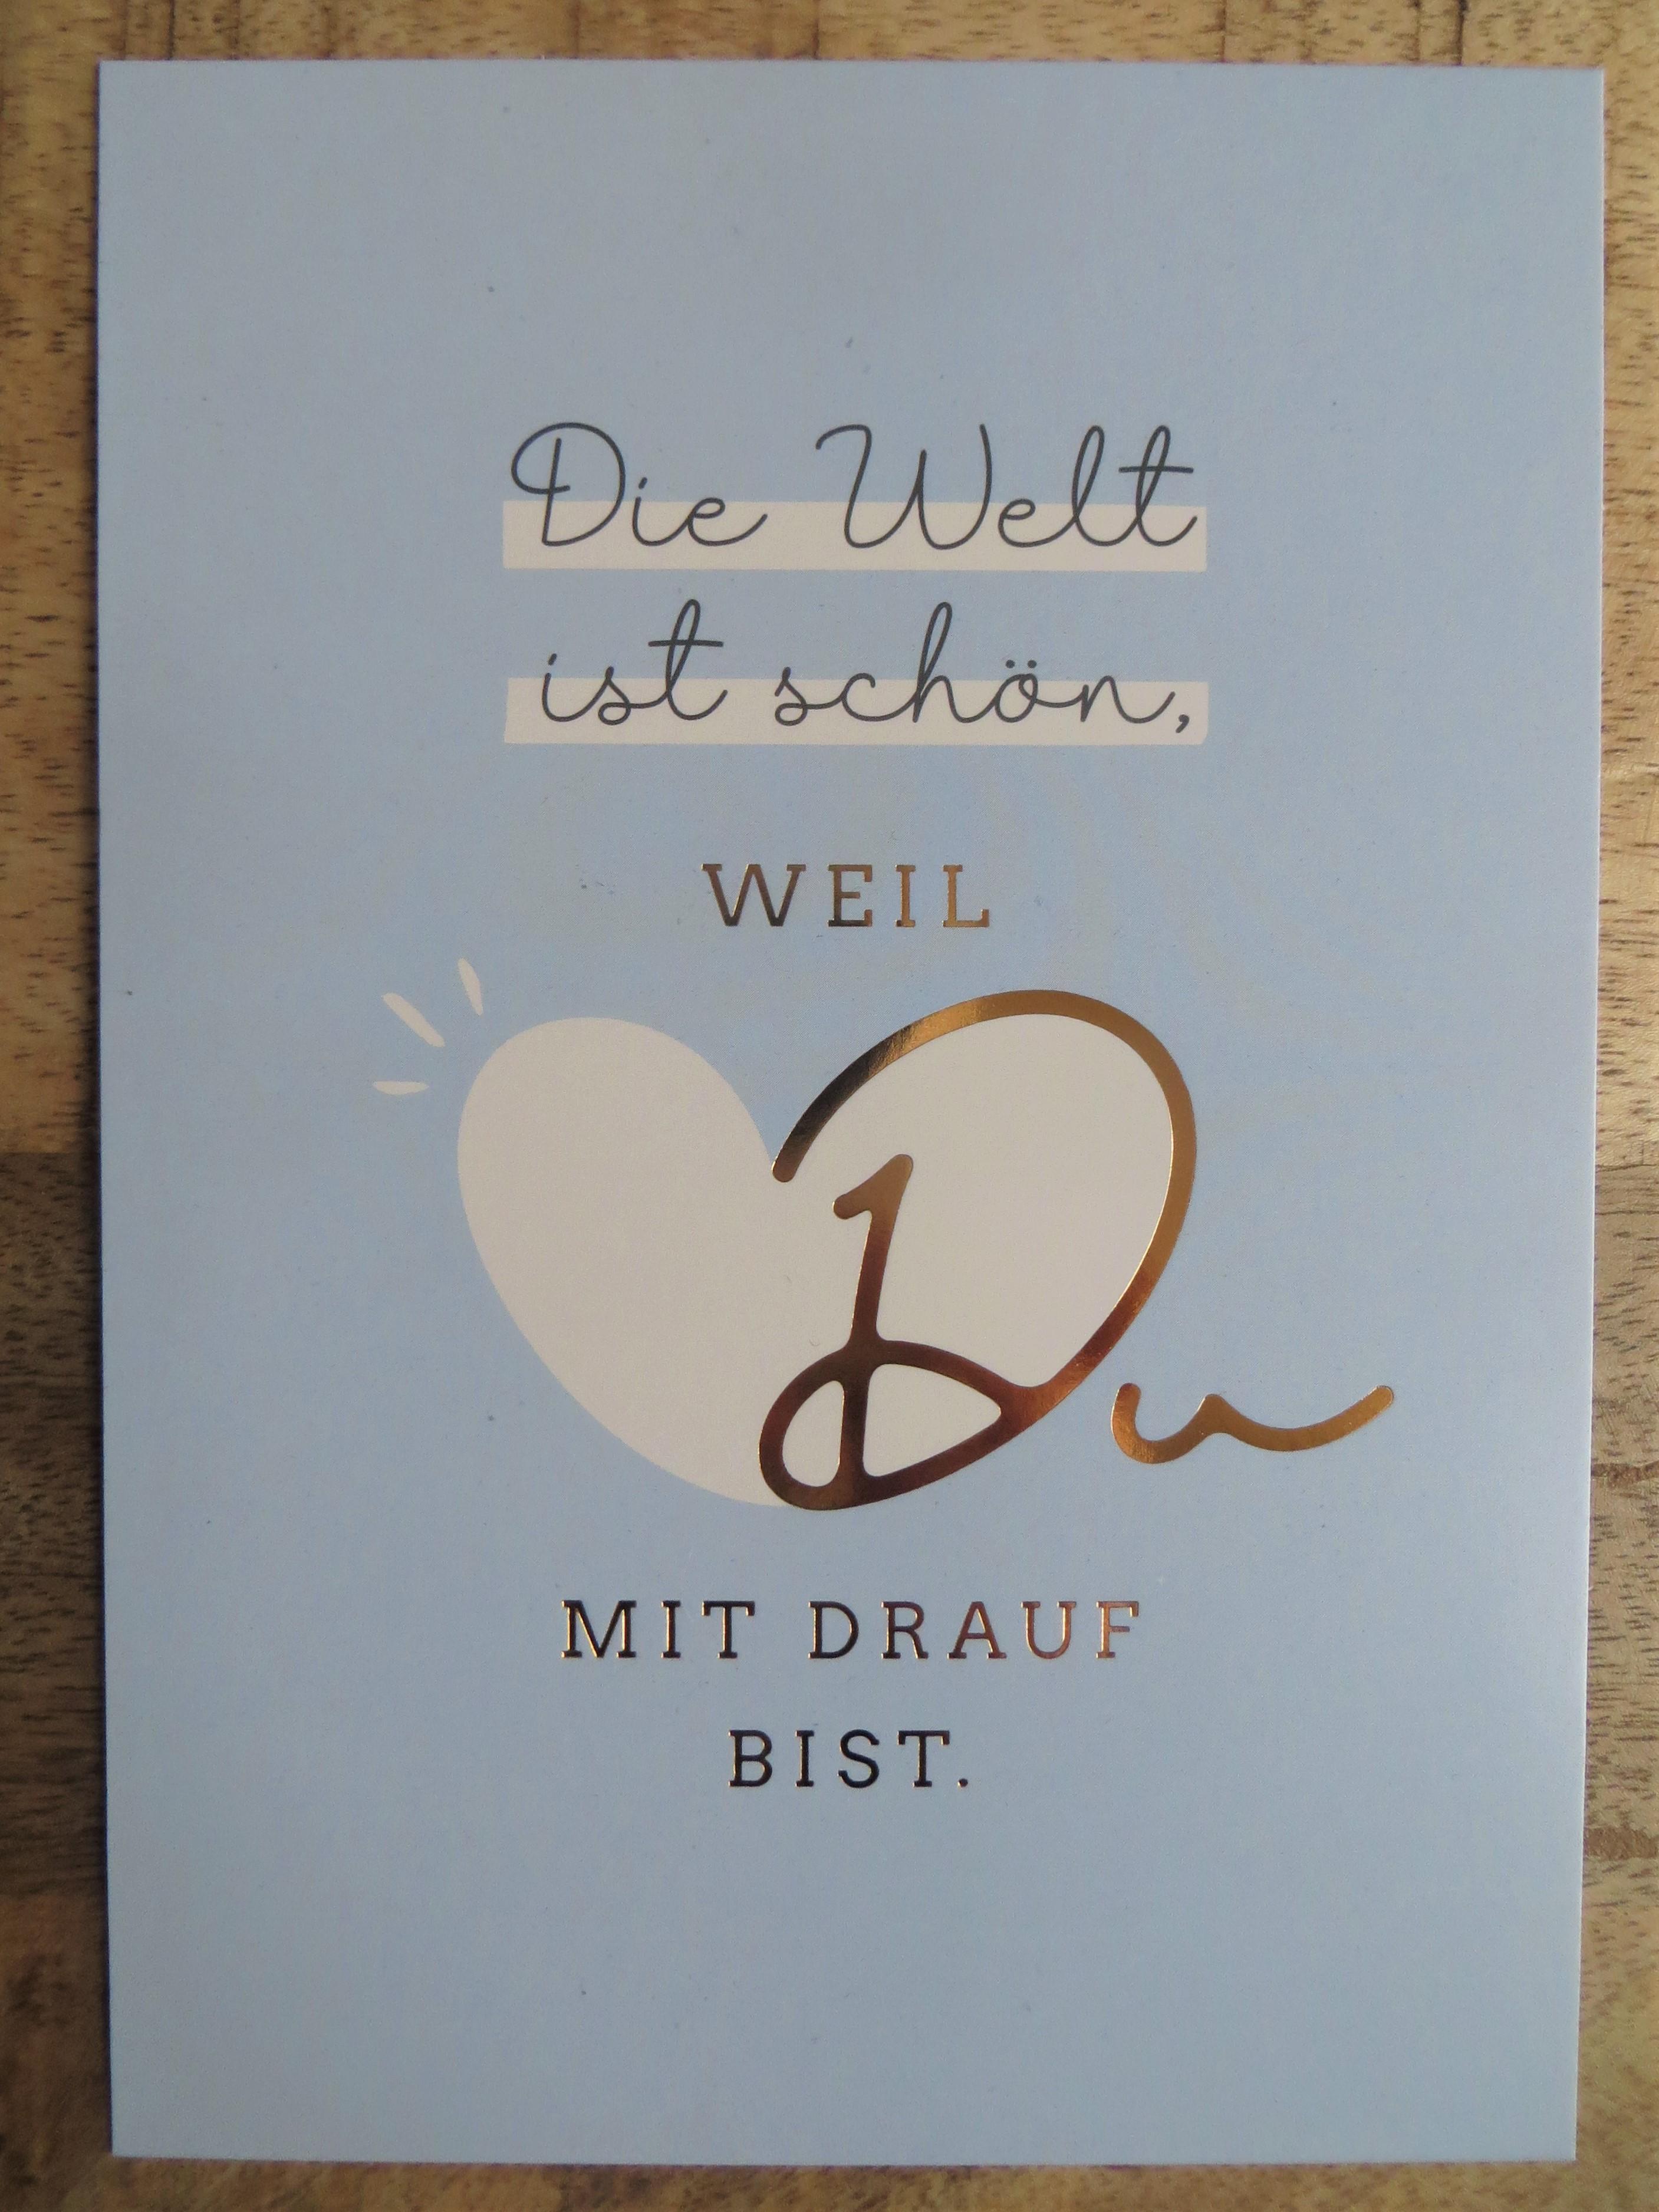 Nützlichgrusskarten - Postkarte Die Welt ist schön weil Du mit drauf bist. VintageArt - Onlineshop Tante Emmer